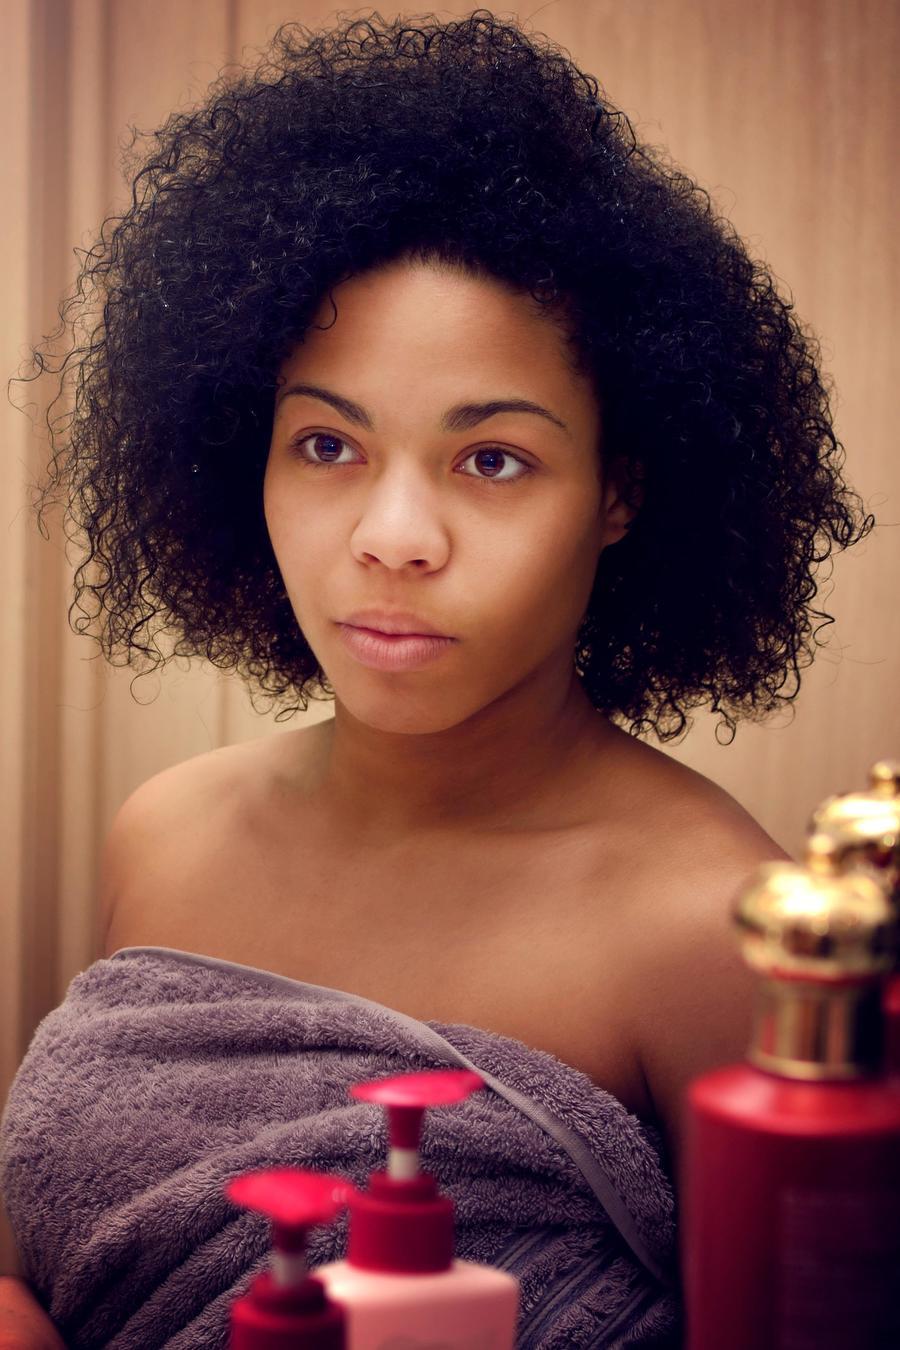 Mujer frente al espejo del baño